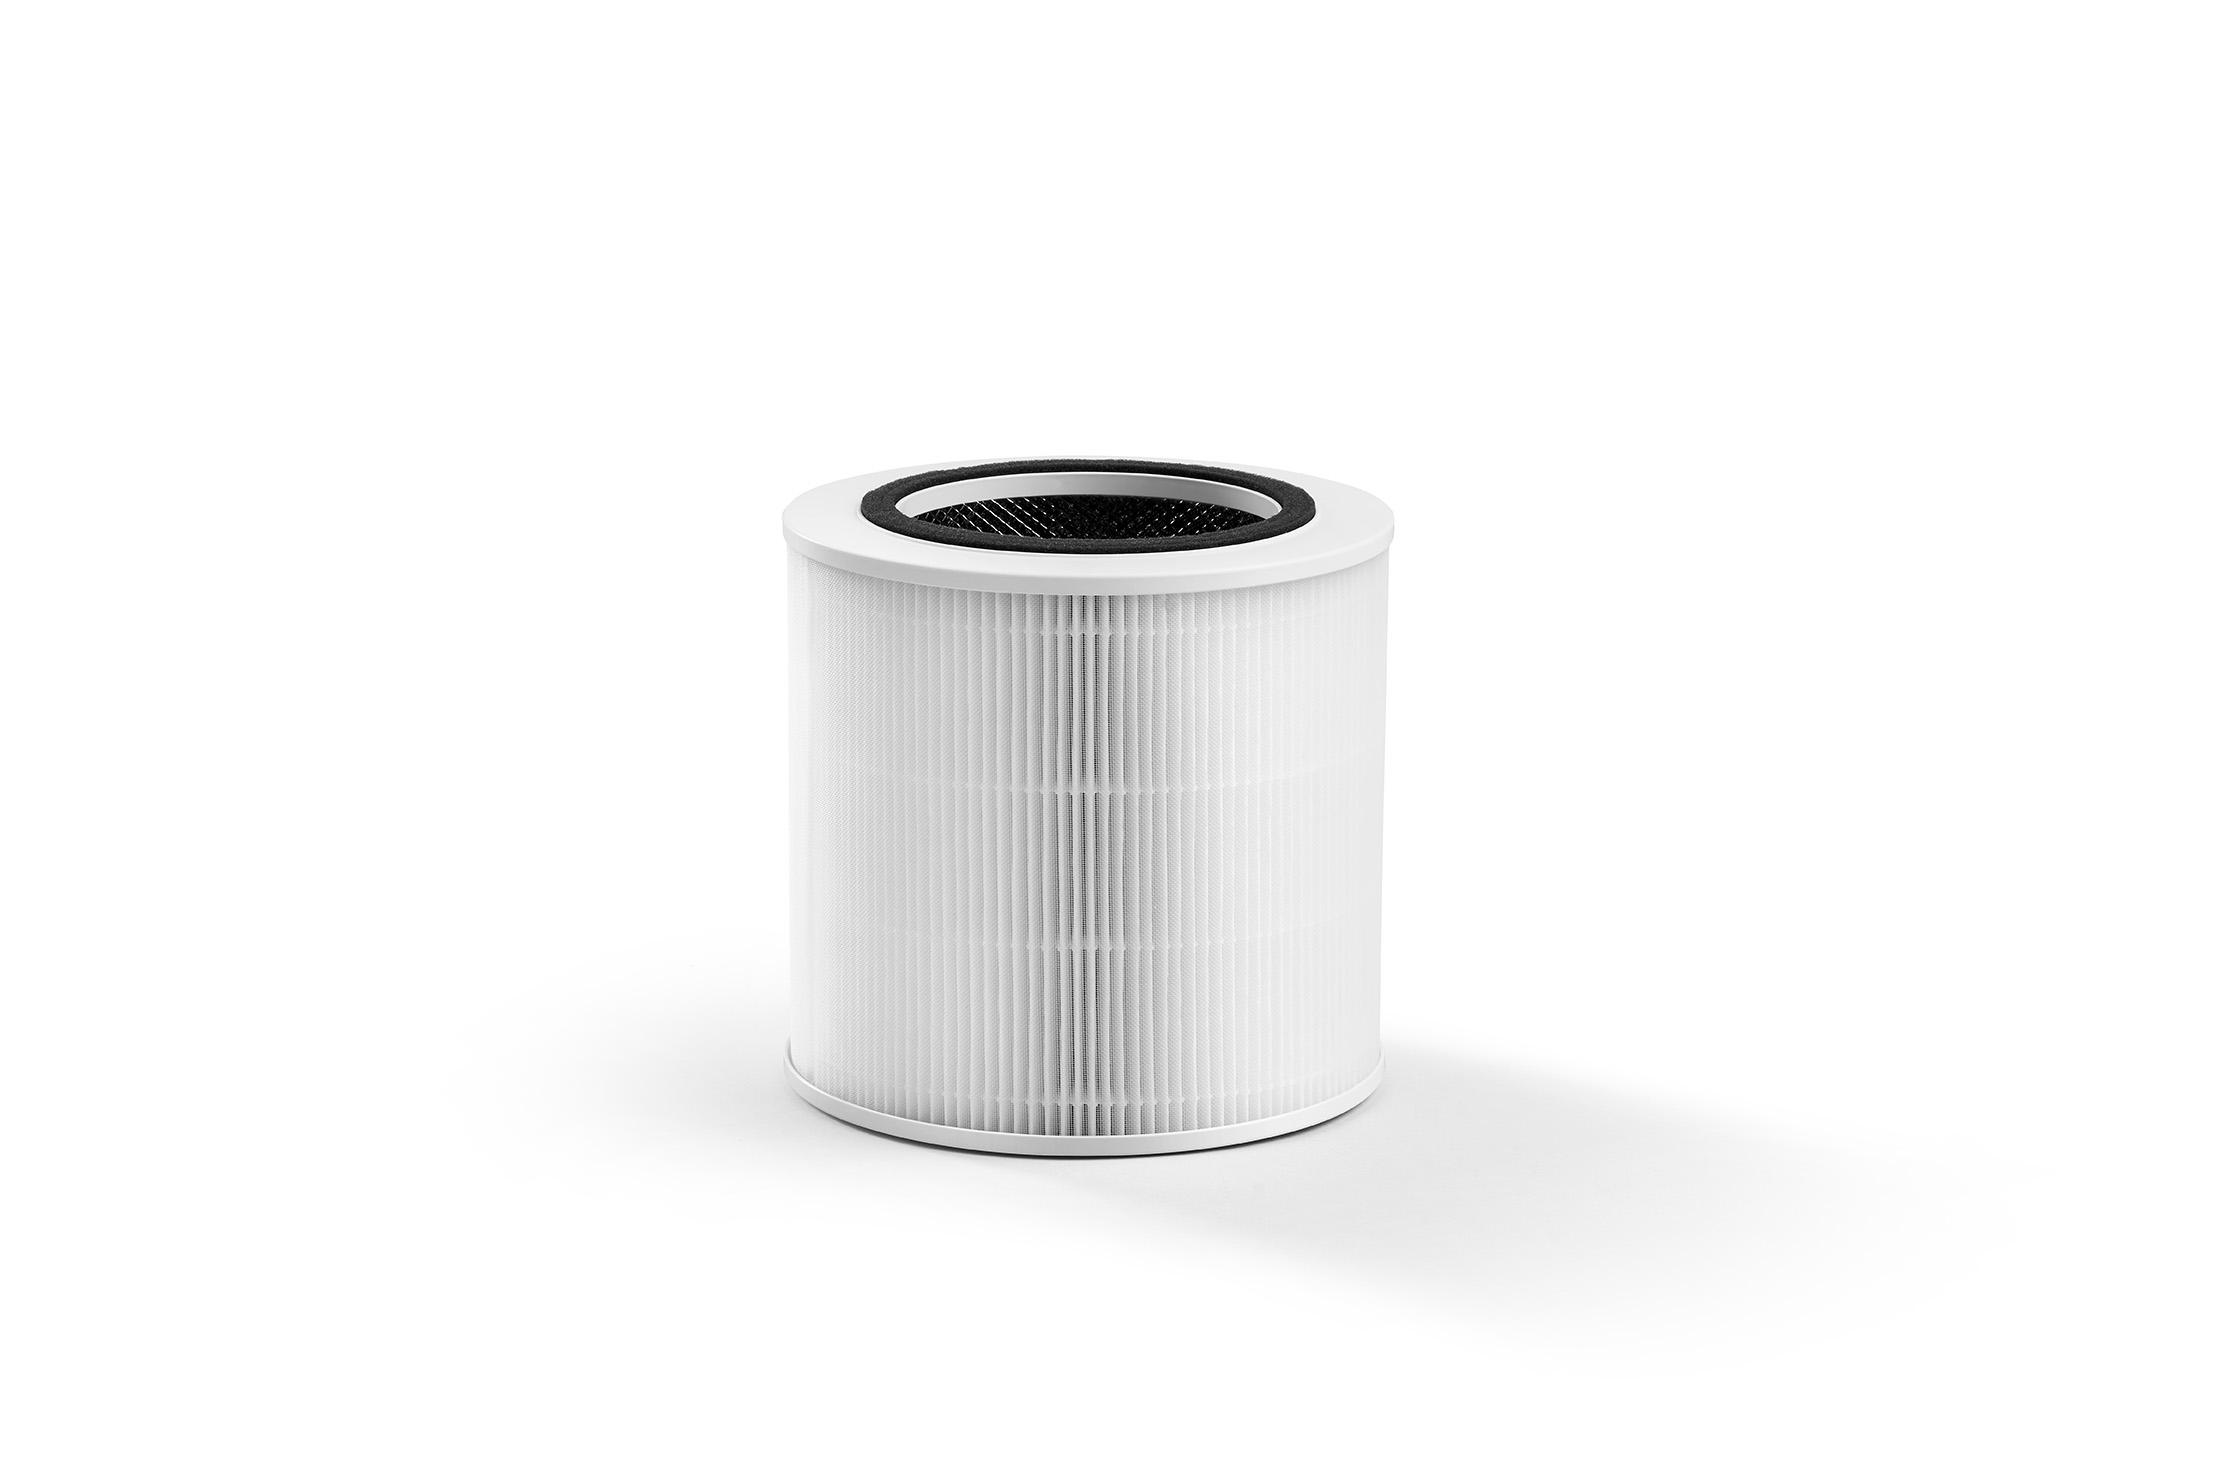 Ersatzfilterkartusche für Climia CLR 250 - 3-in-1 True-HEPA Luftfilter und Aktivkohlefilter